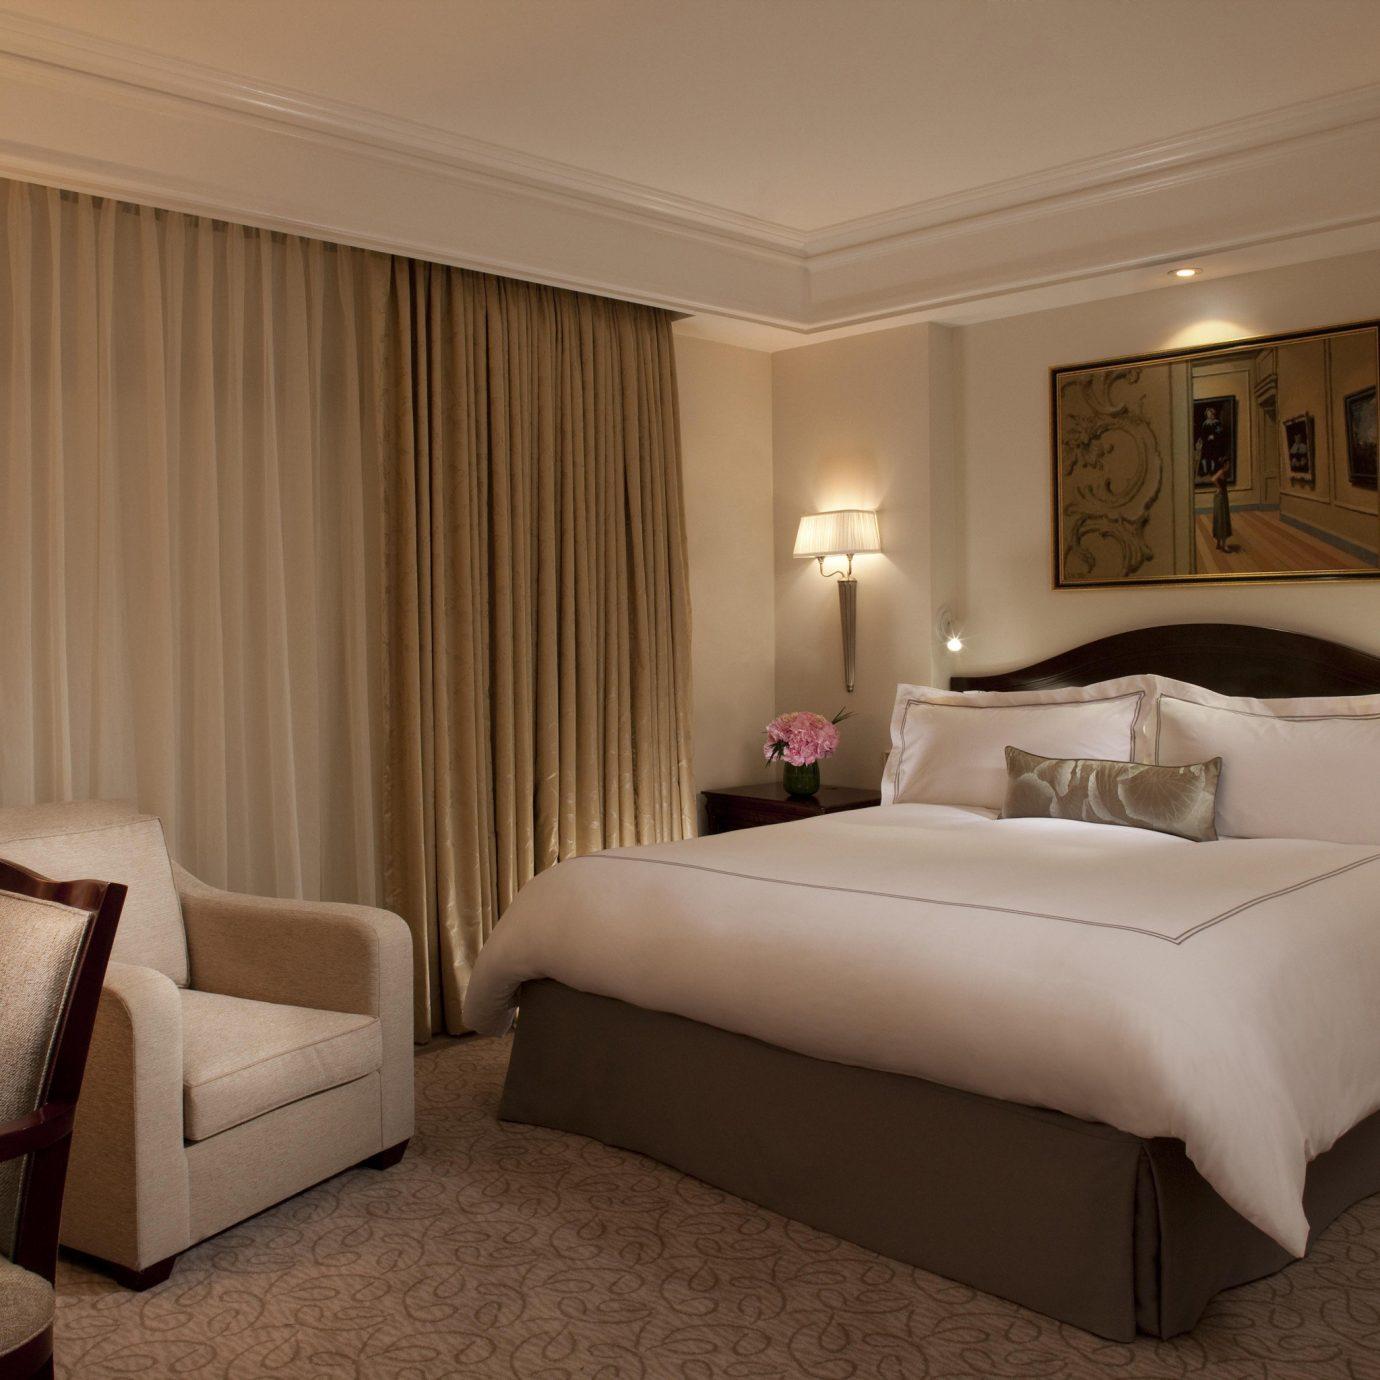 Bedroom City Hip Luxury Resort property Suite living room flat